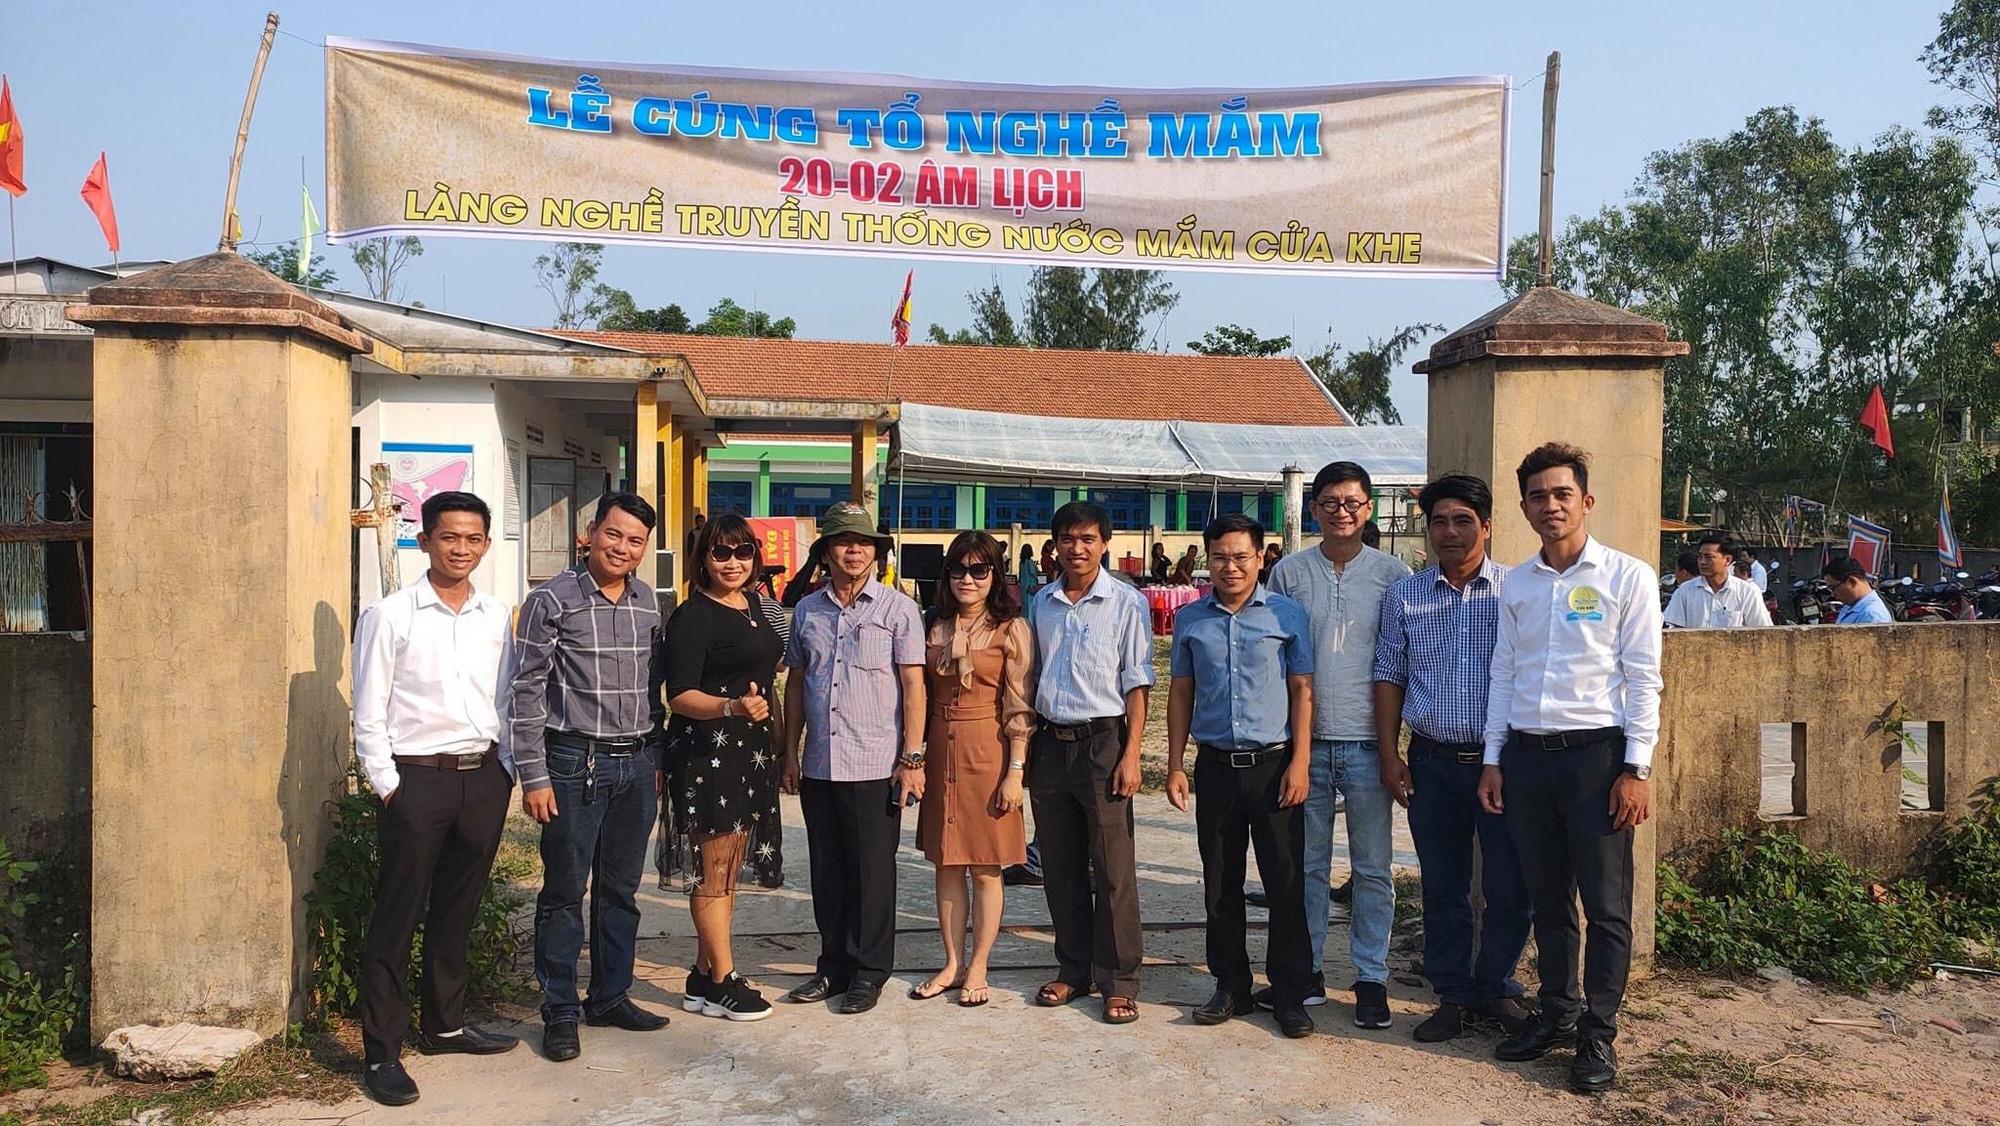 Quảng Nam: Làng Cửa Khe tổ chức lễ cúng tổ nghề mắm - Ảnh 3.